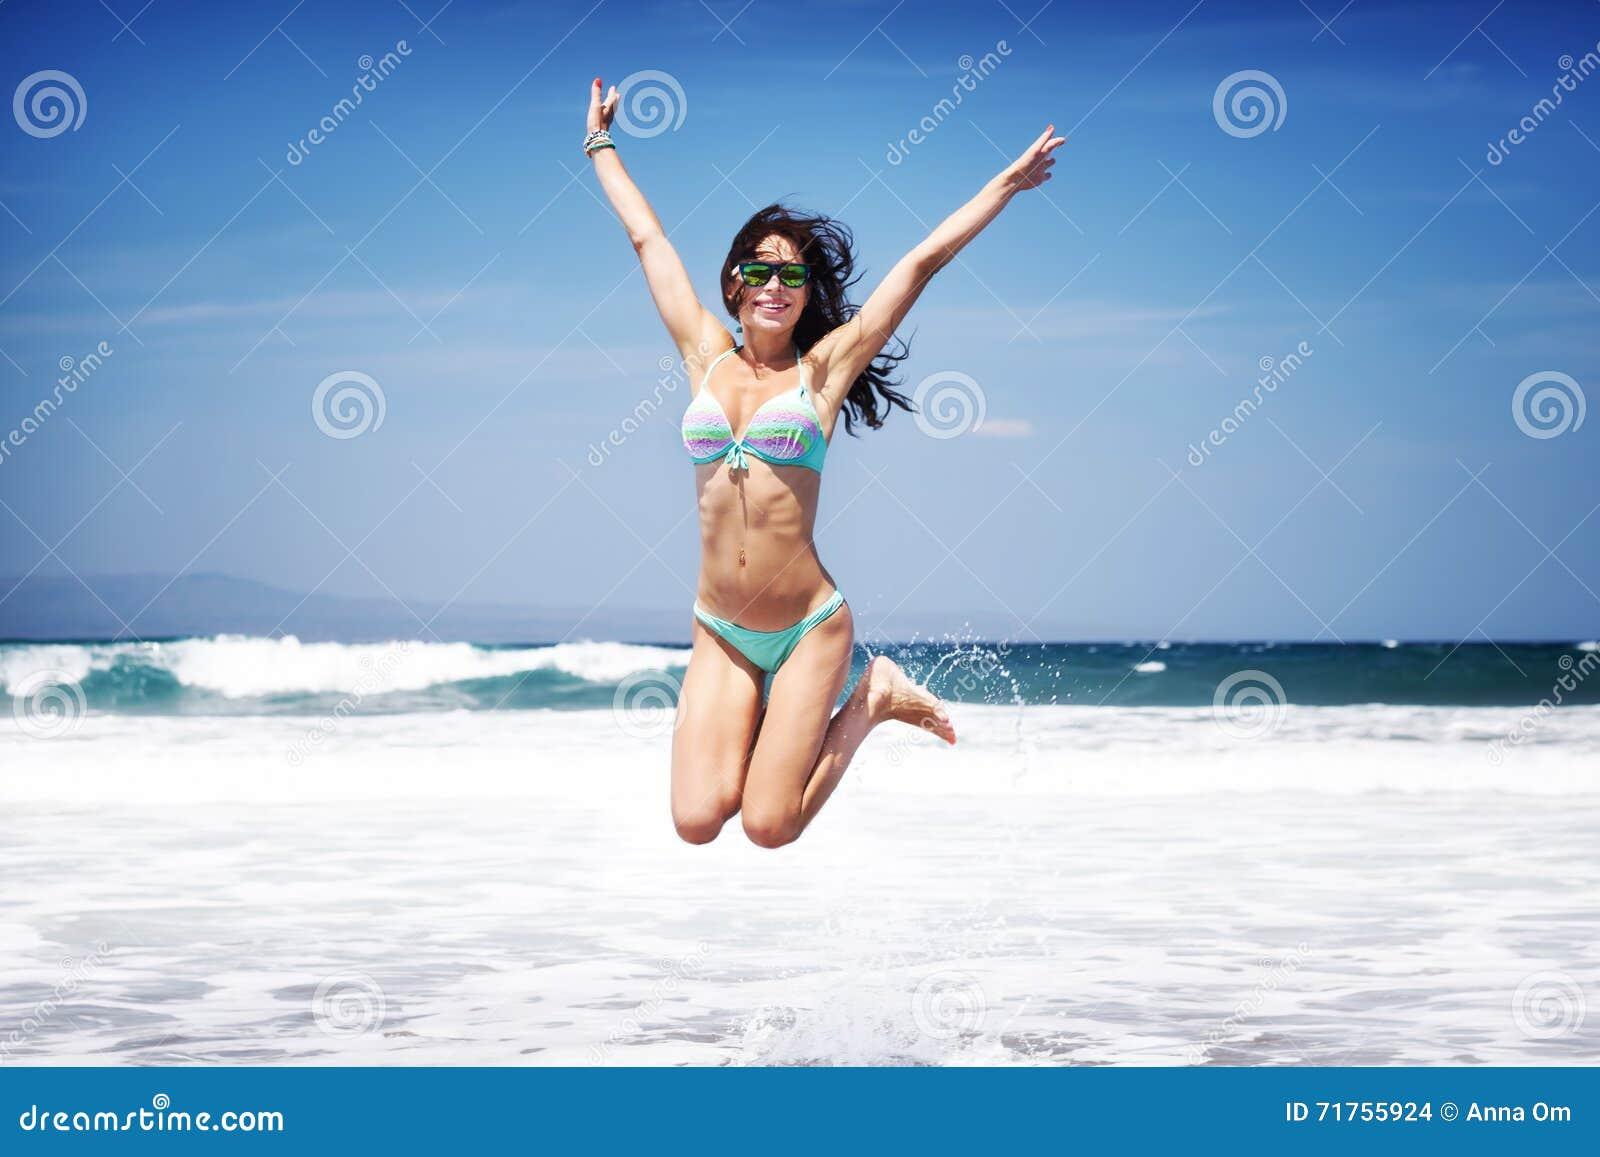 Ευτυχής γυναίκα σε μια παραλία